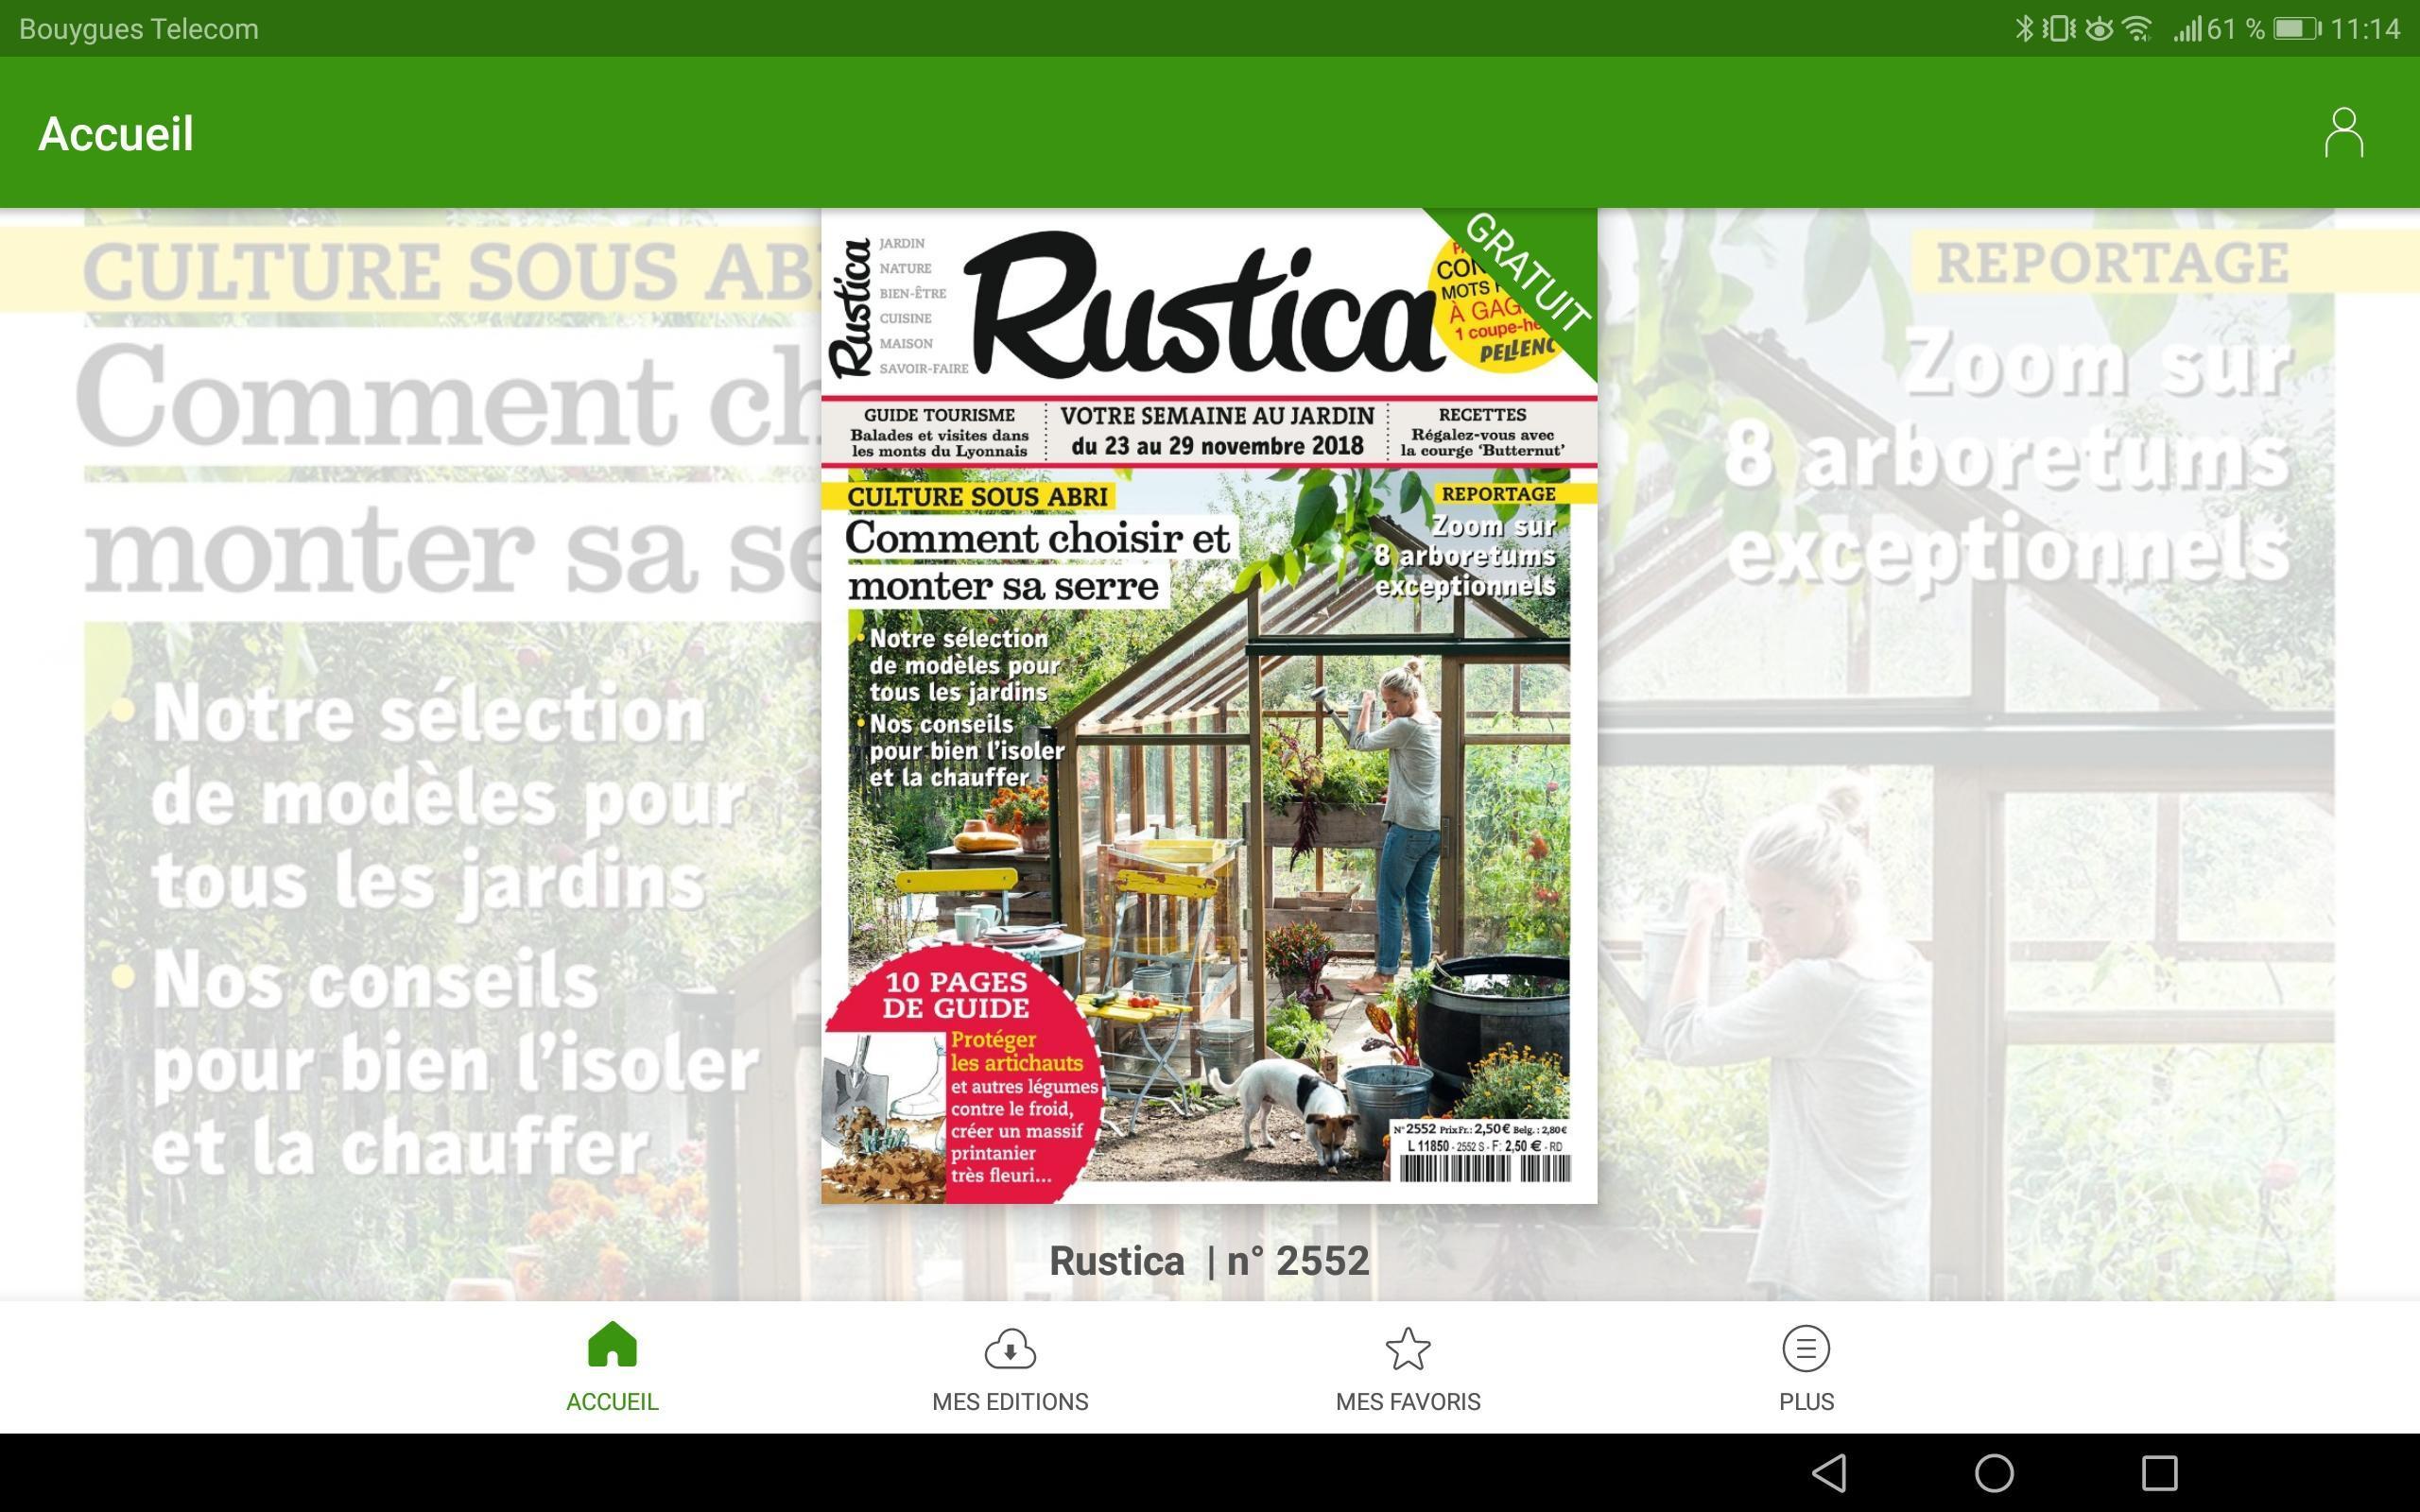 Android Için Rustica - Apk'yı İndir tout Modèle De Jardin Fleuri